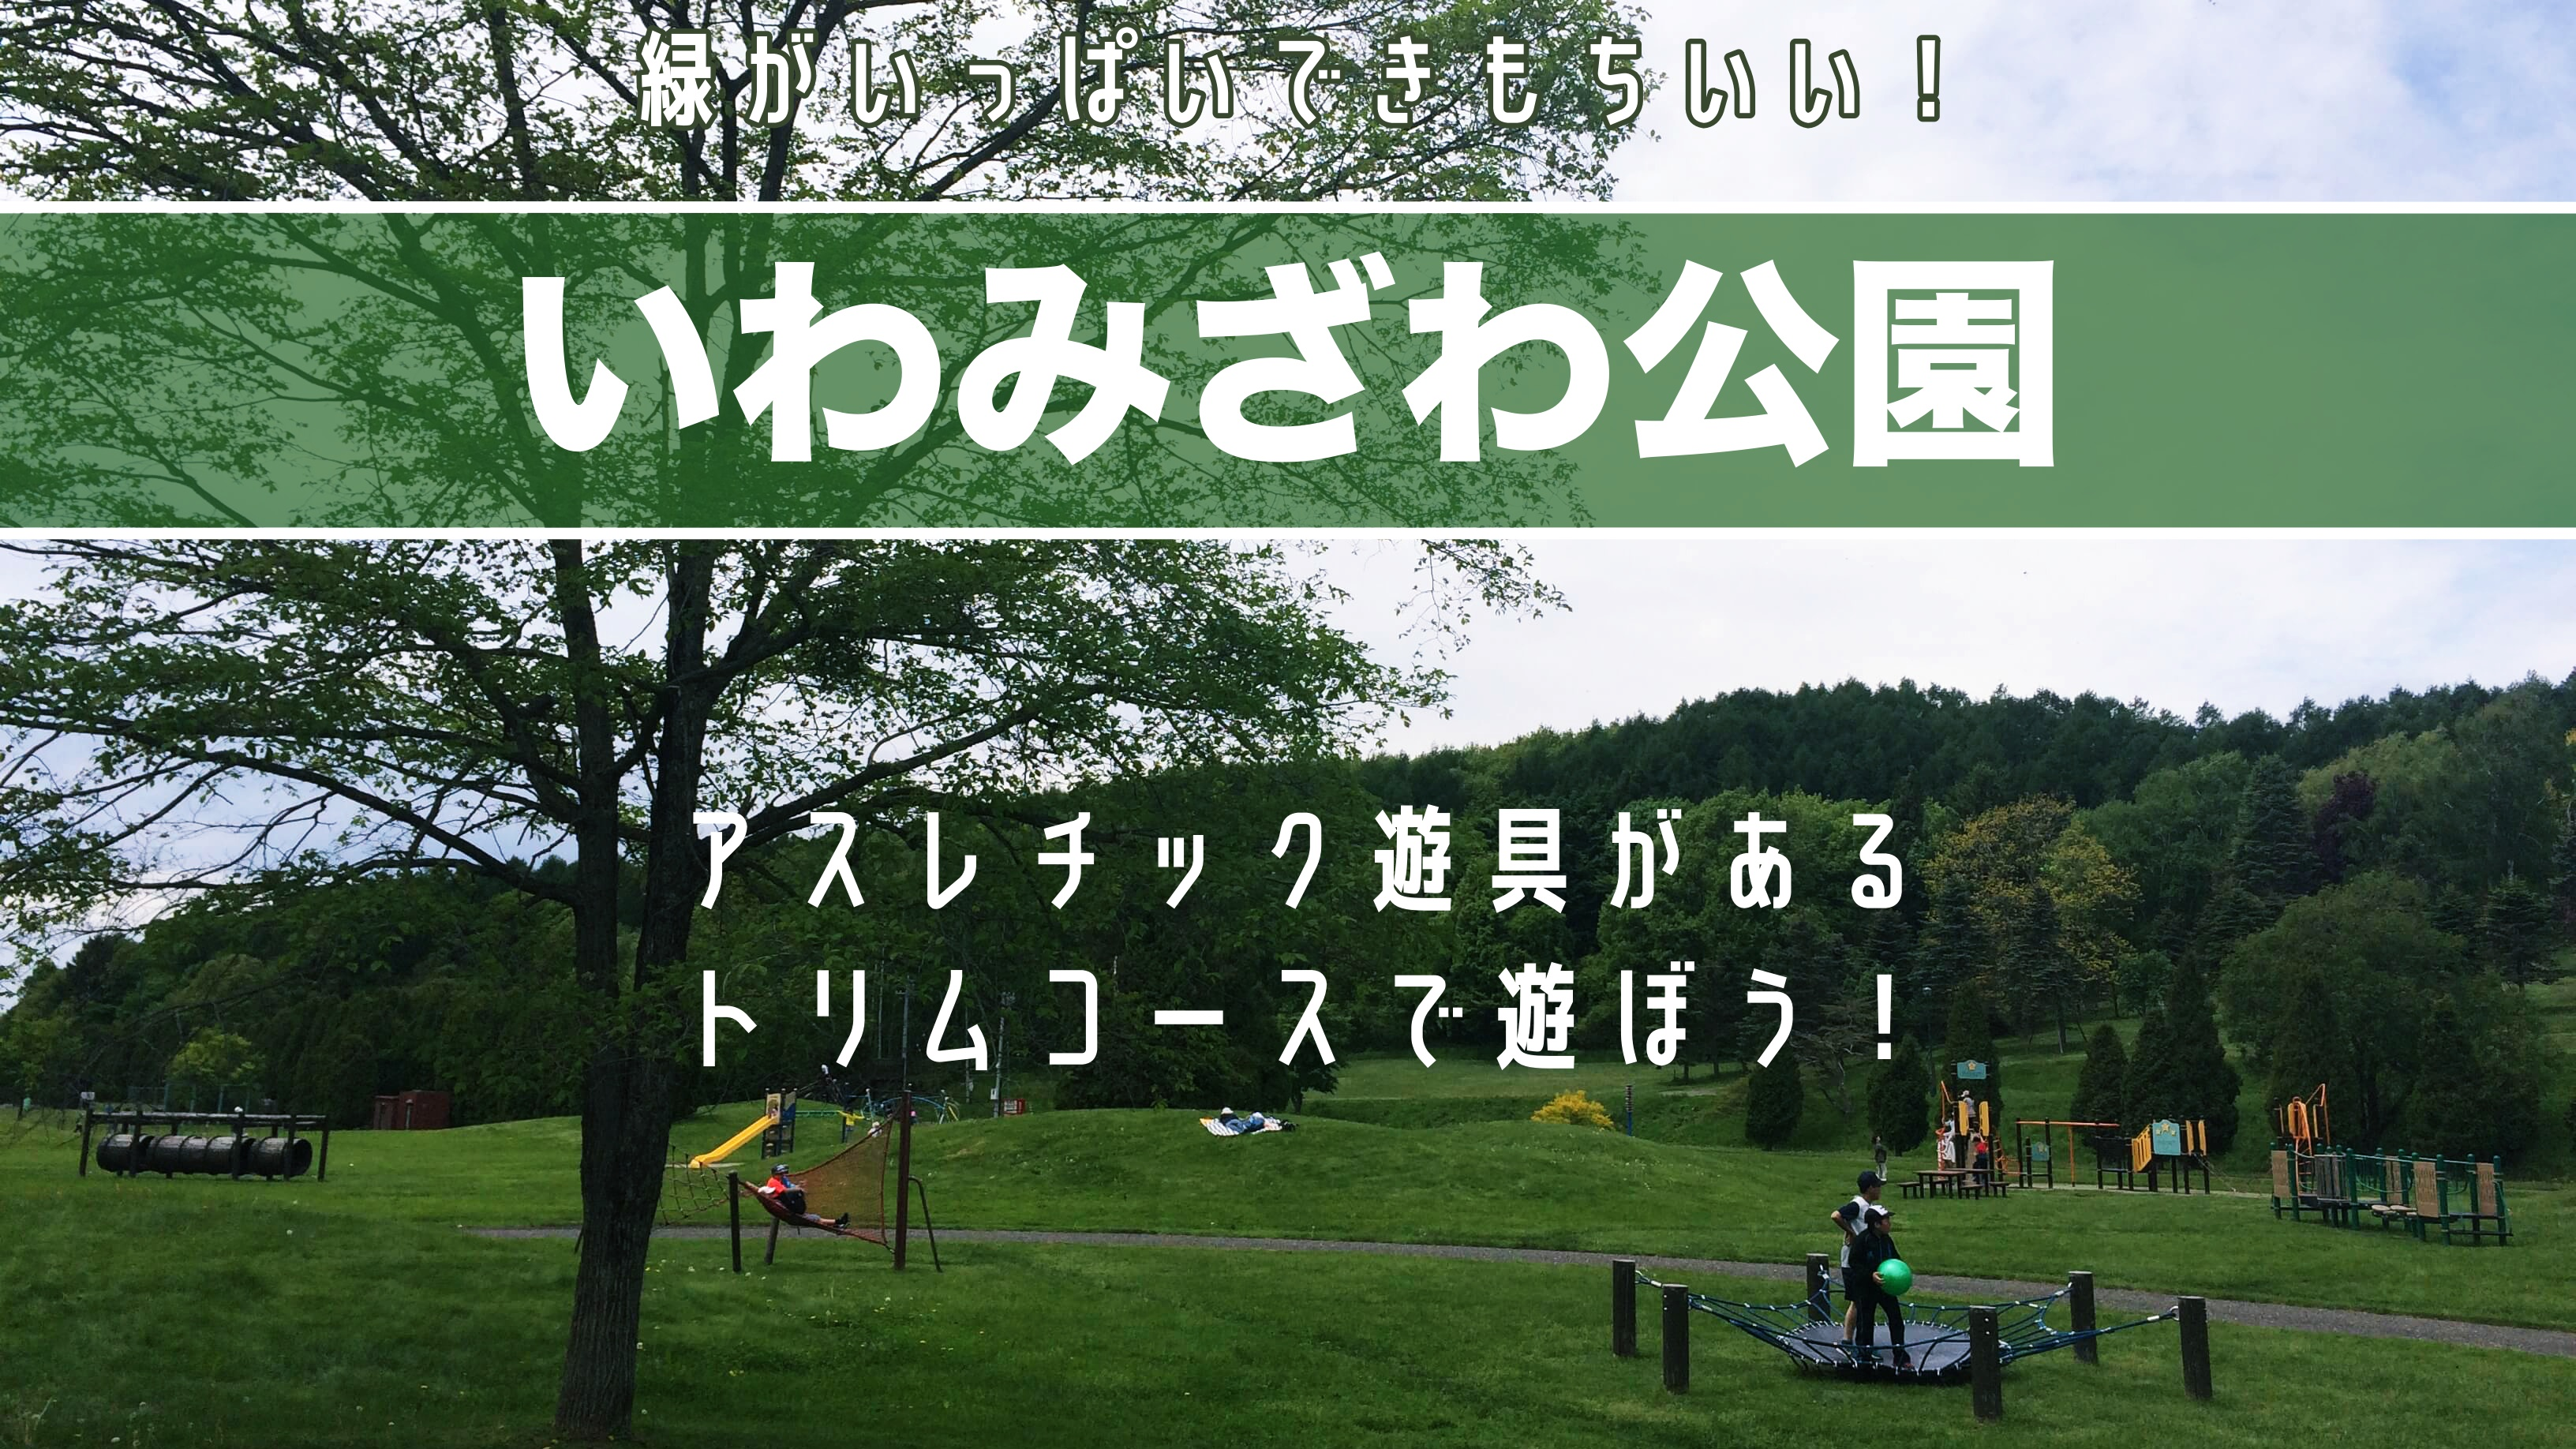 いわみざわ公園トリムコースの遊具紹介